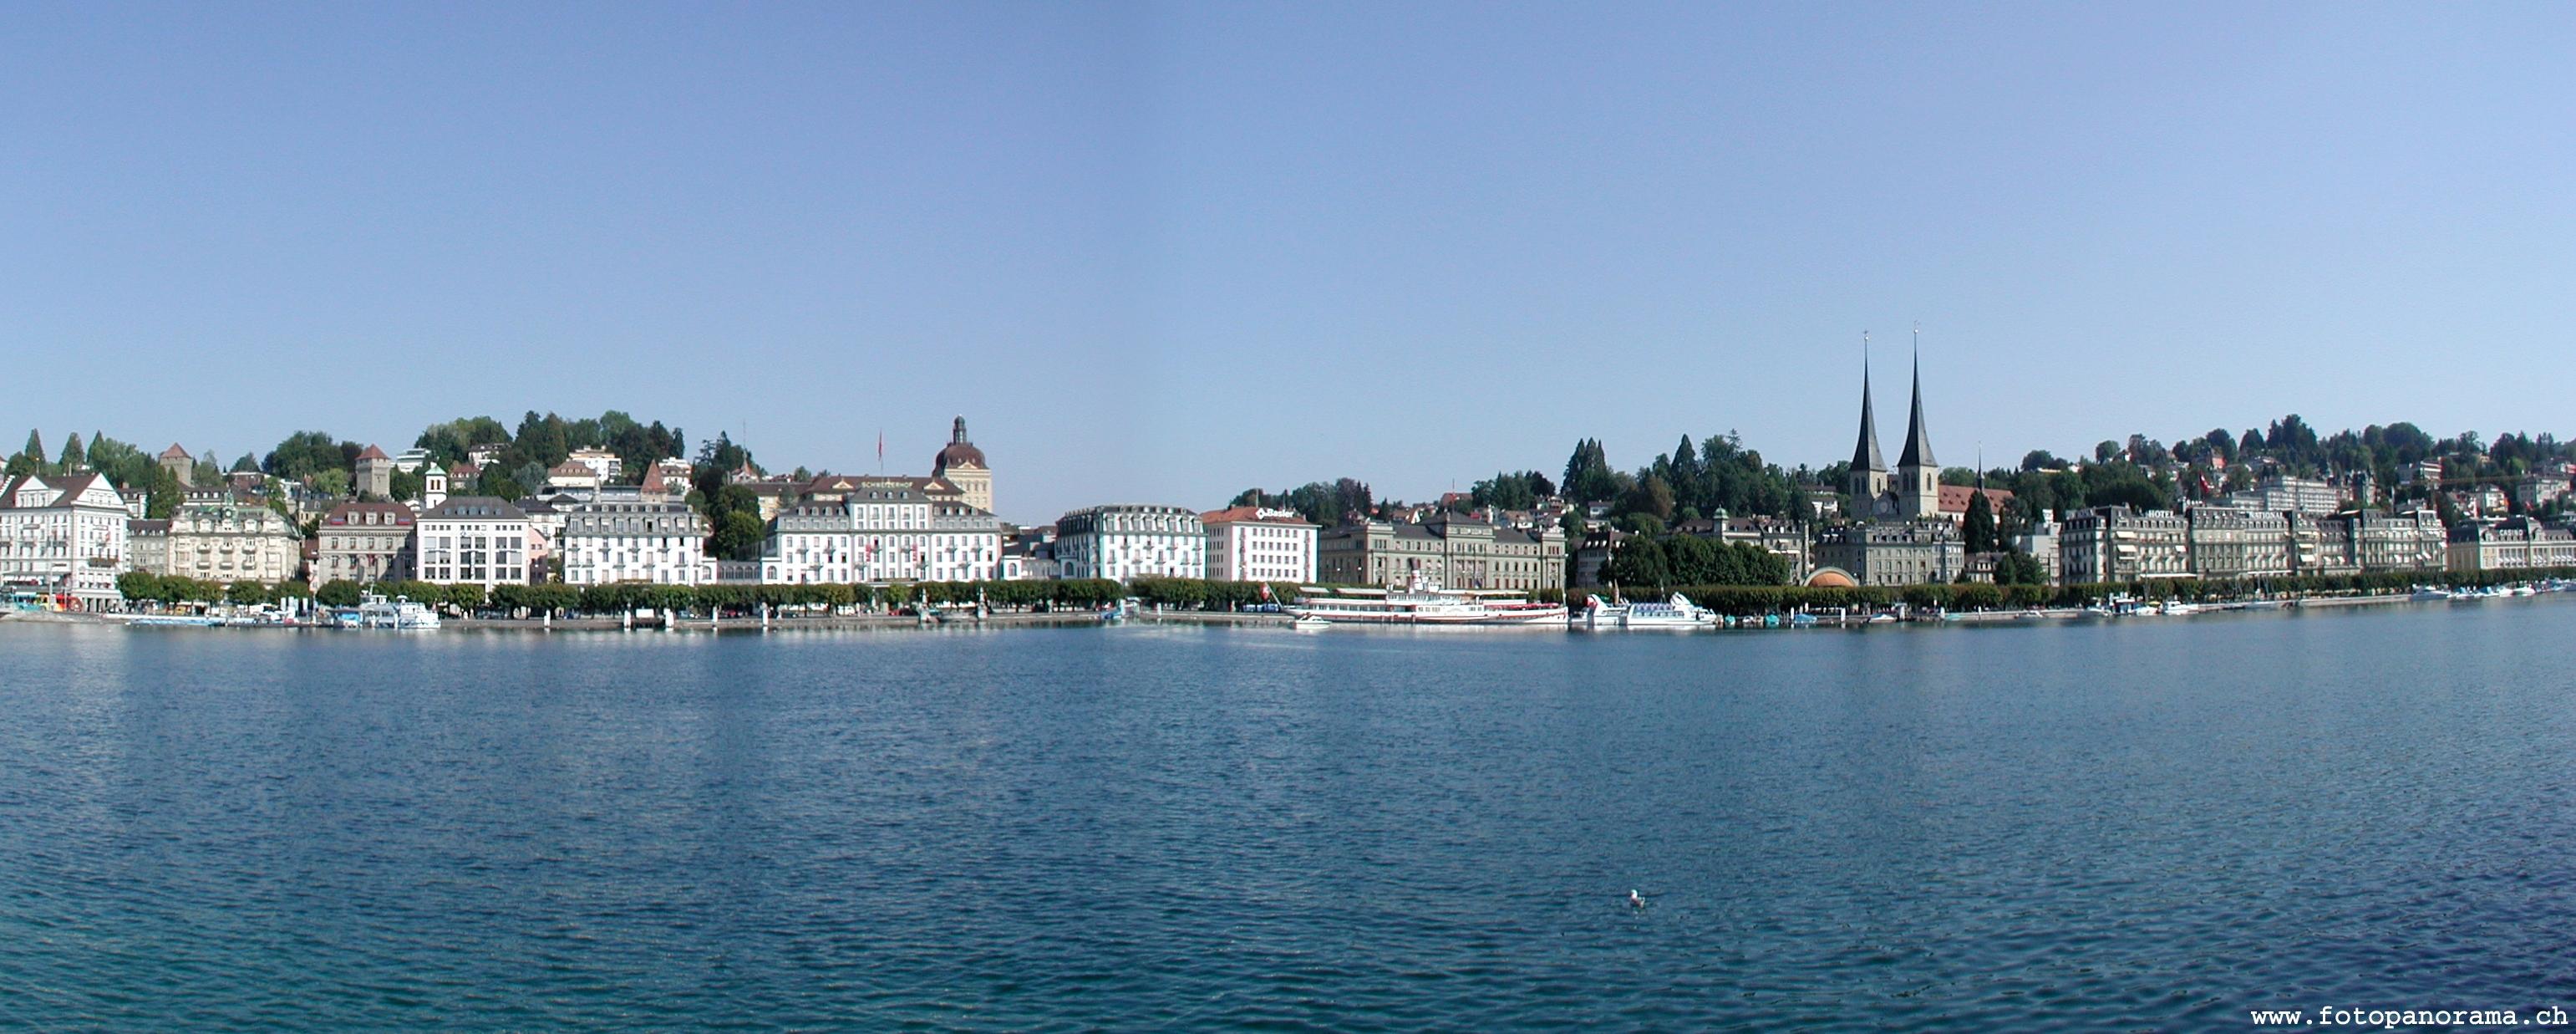 Luzern Seepromenade